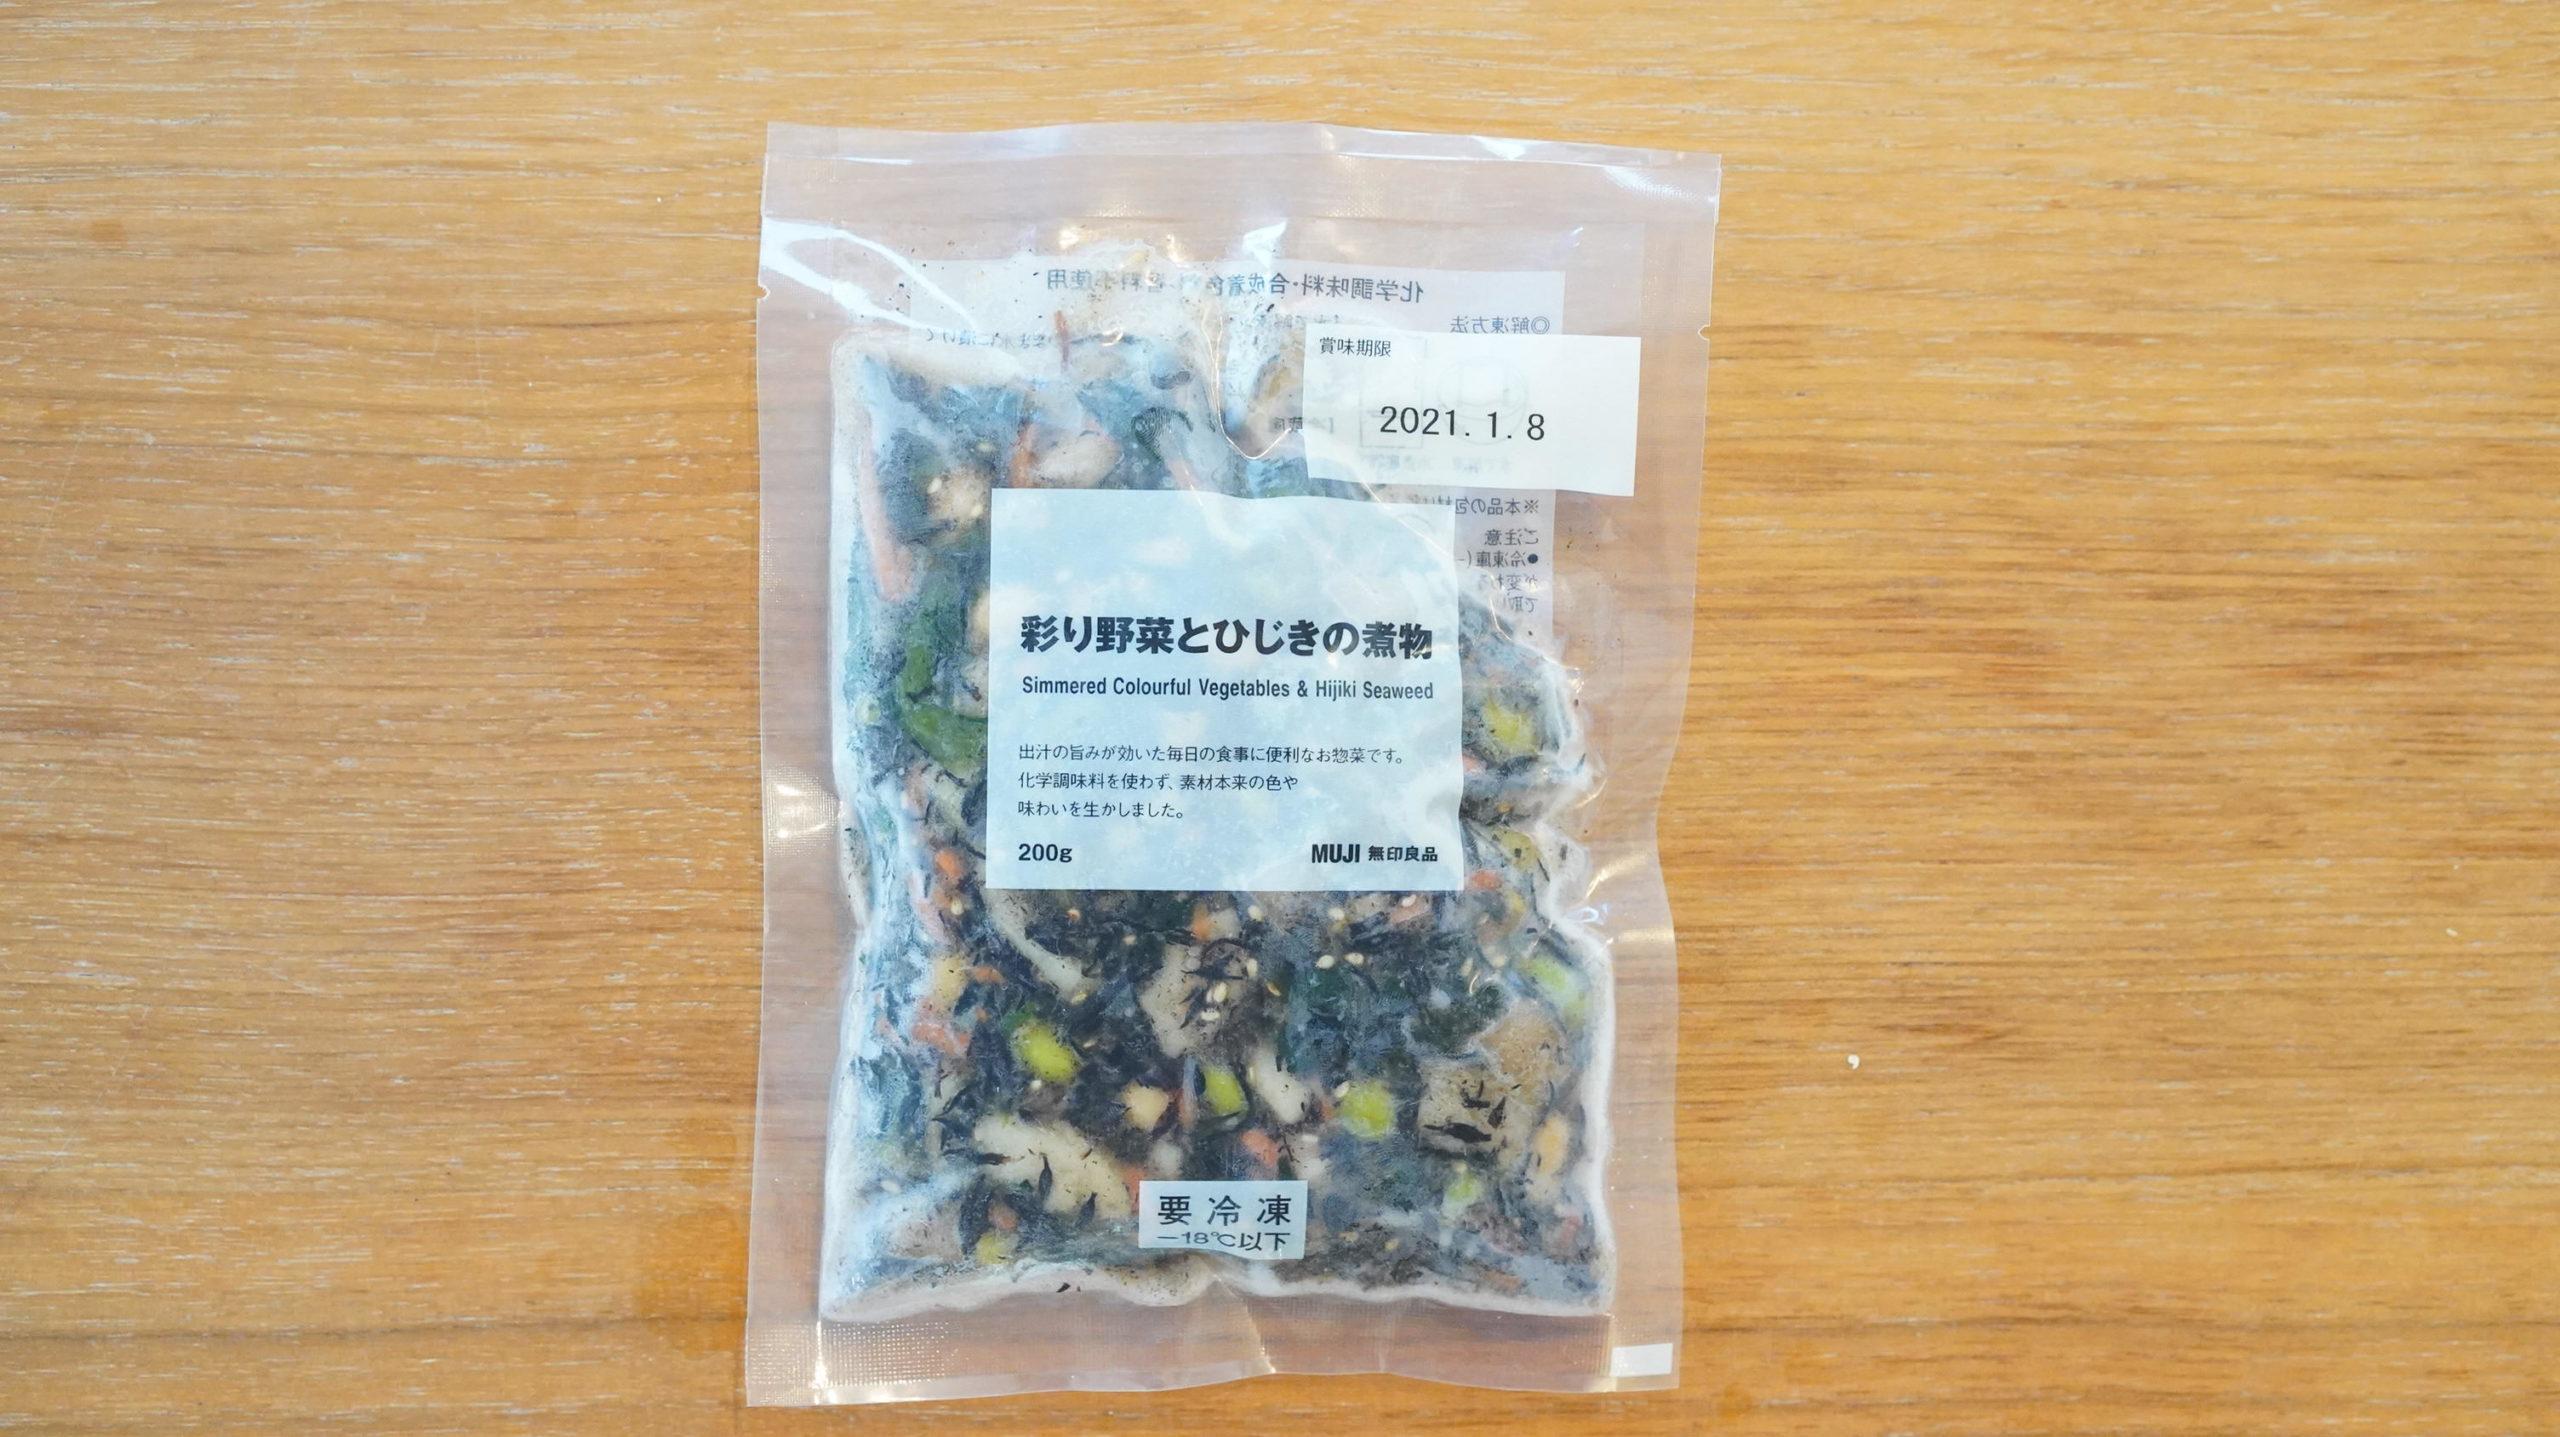 無印良品のおすすめ冷凍食品「彩り野菜とひじきの煮物」のパッケージの写真